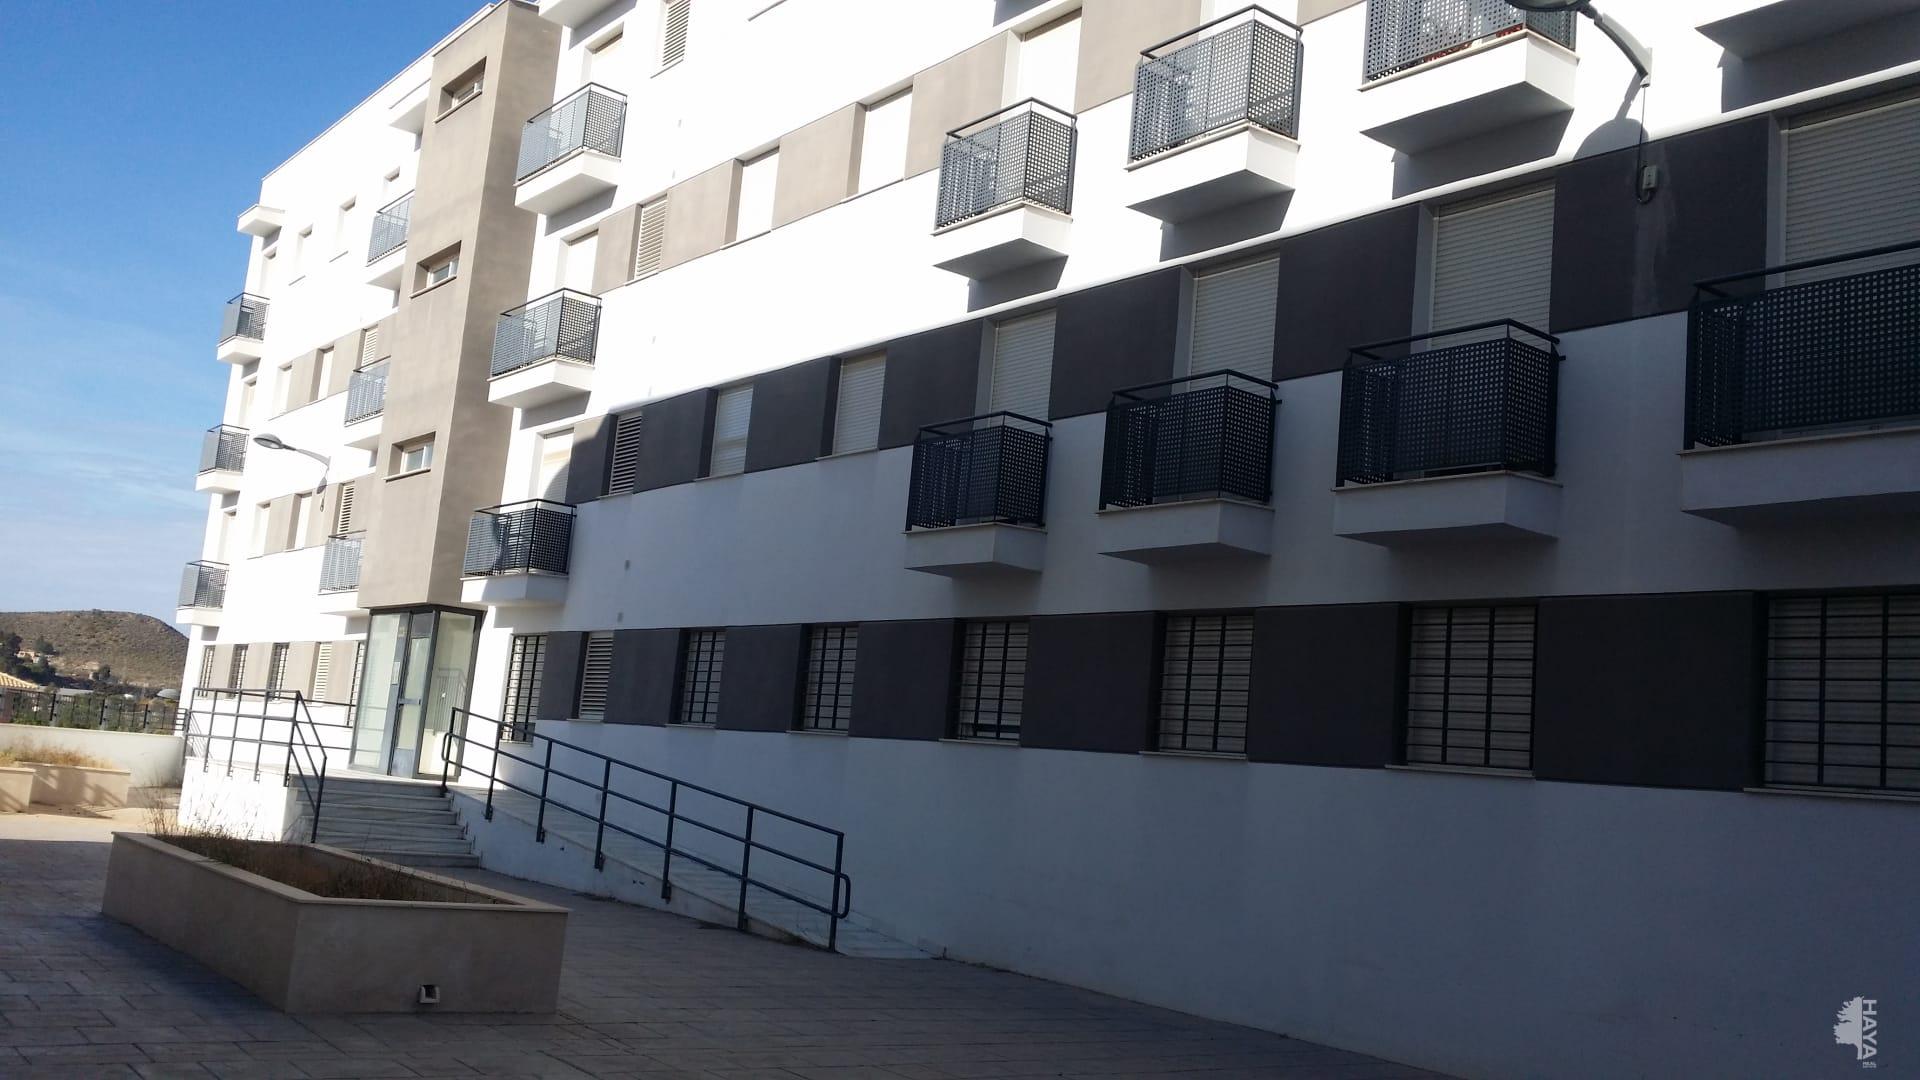 Piso en venta en Huitar Mayor, Olula del Río, Almería, Calle Alta, 57.200 €, 3 habitaciones, 1 baño, 89 m2